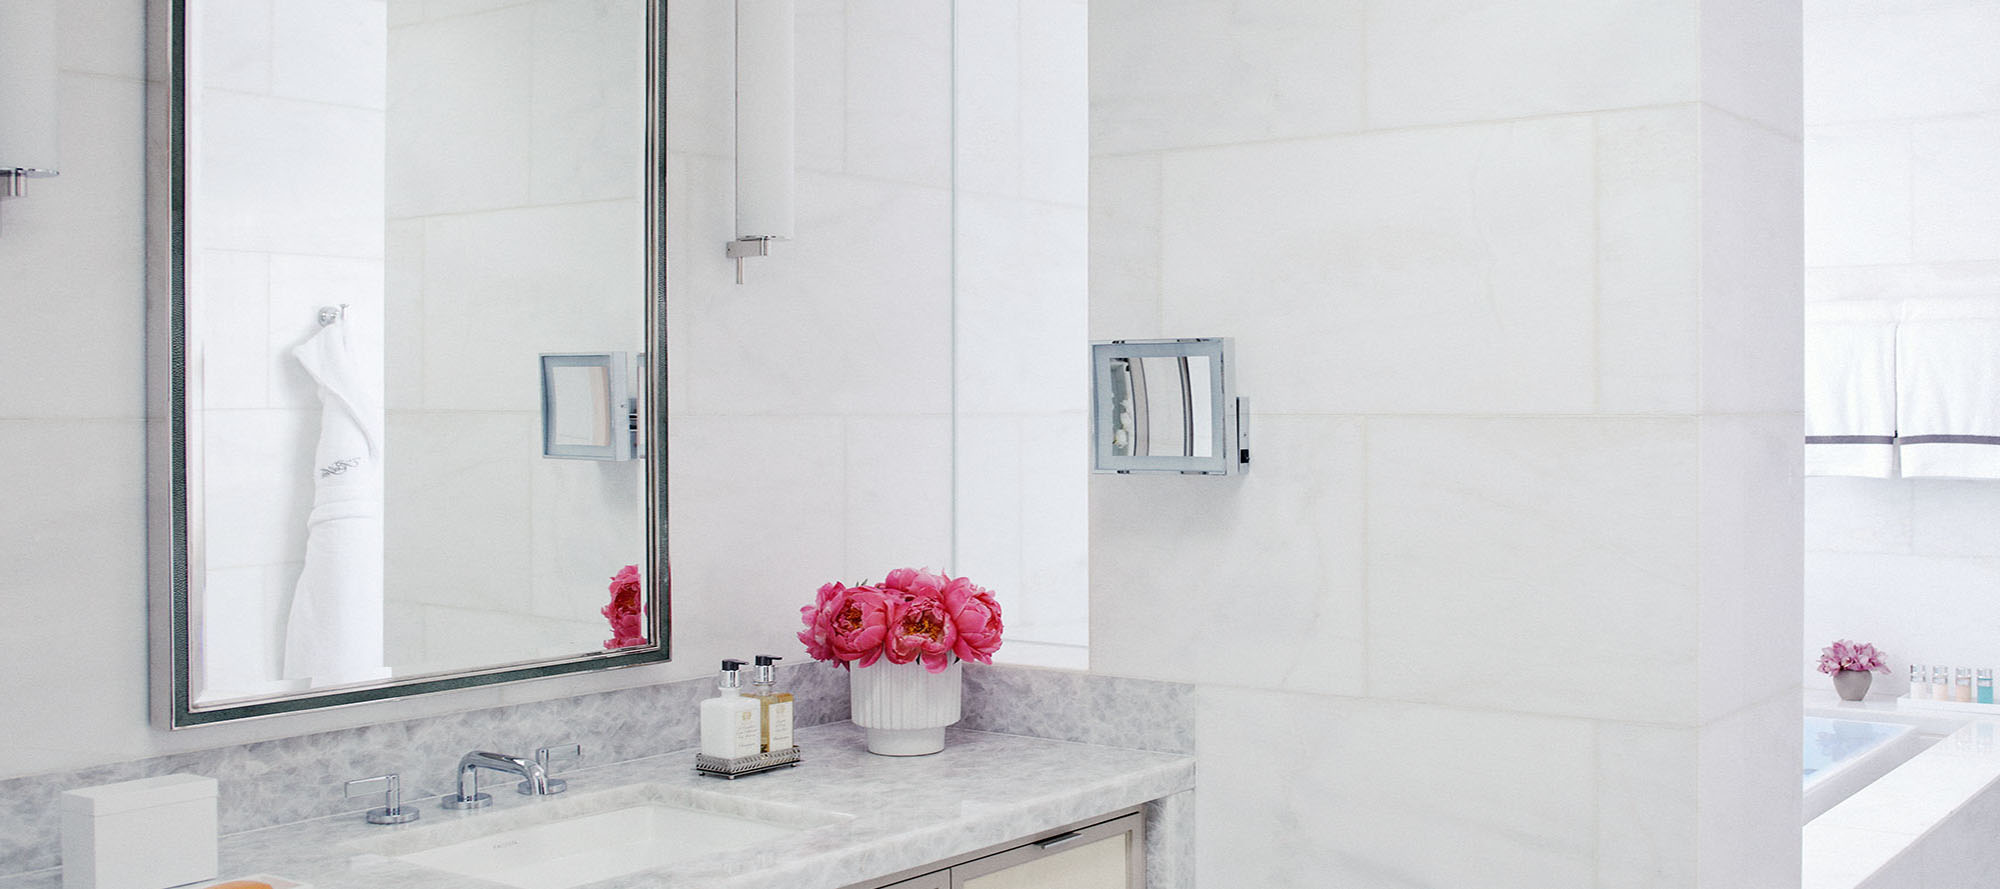 One Sink Faucet, Gooseneck Spout, Lever Handles   P24490-LV ...